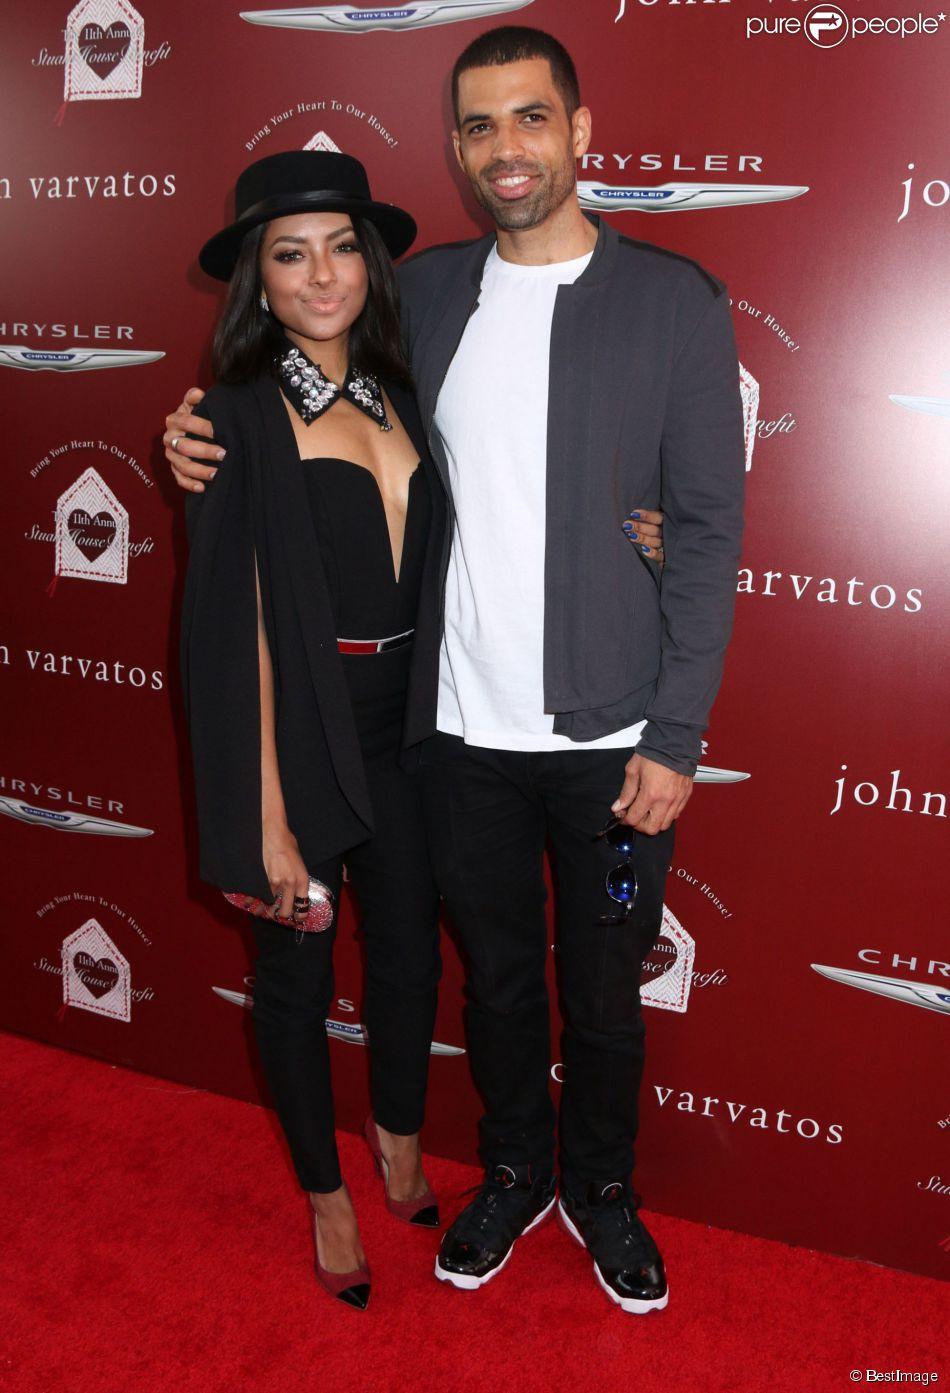 Kat Graham et son fiancé Cottrell Guidry - Soirée de charité annuelle John Varvatos à West Hollywood, le 13 avril 2014.